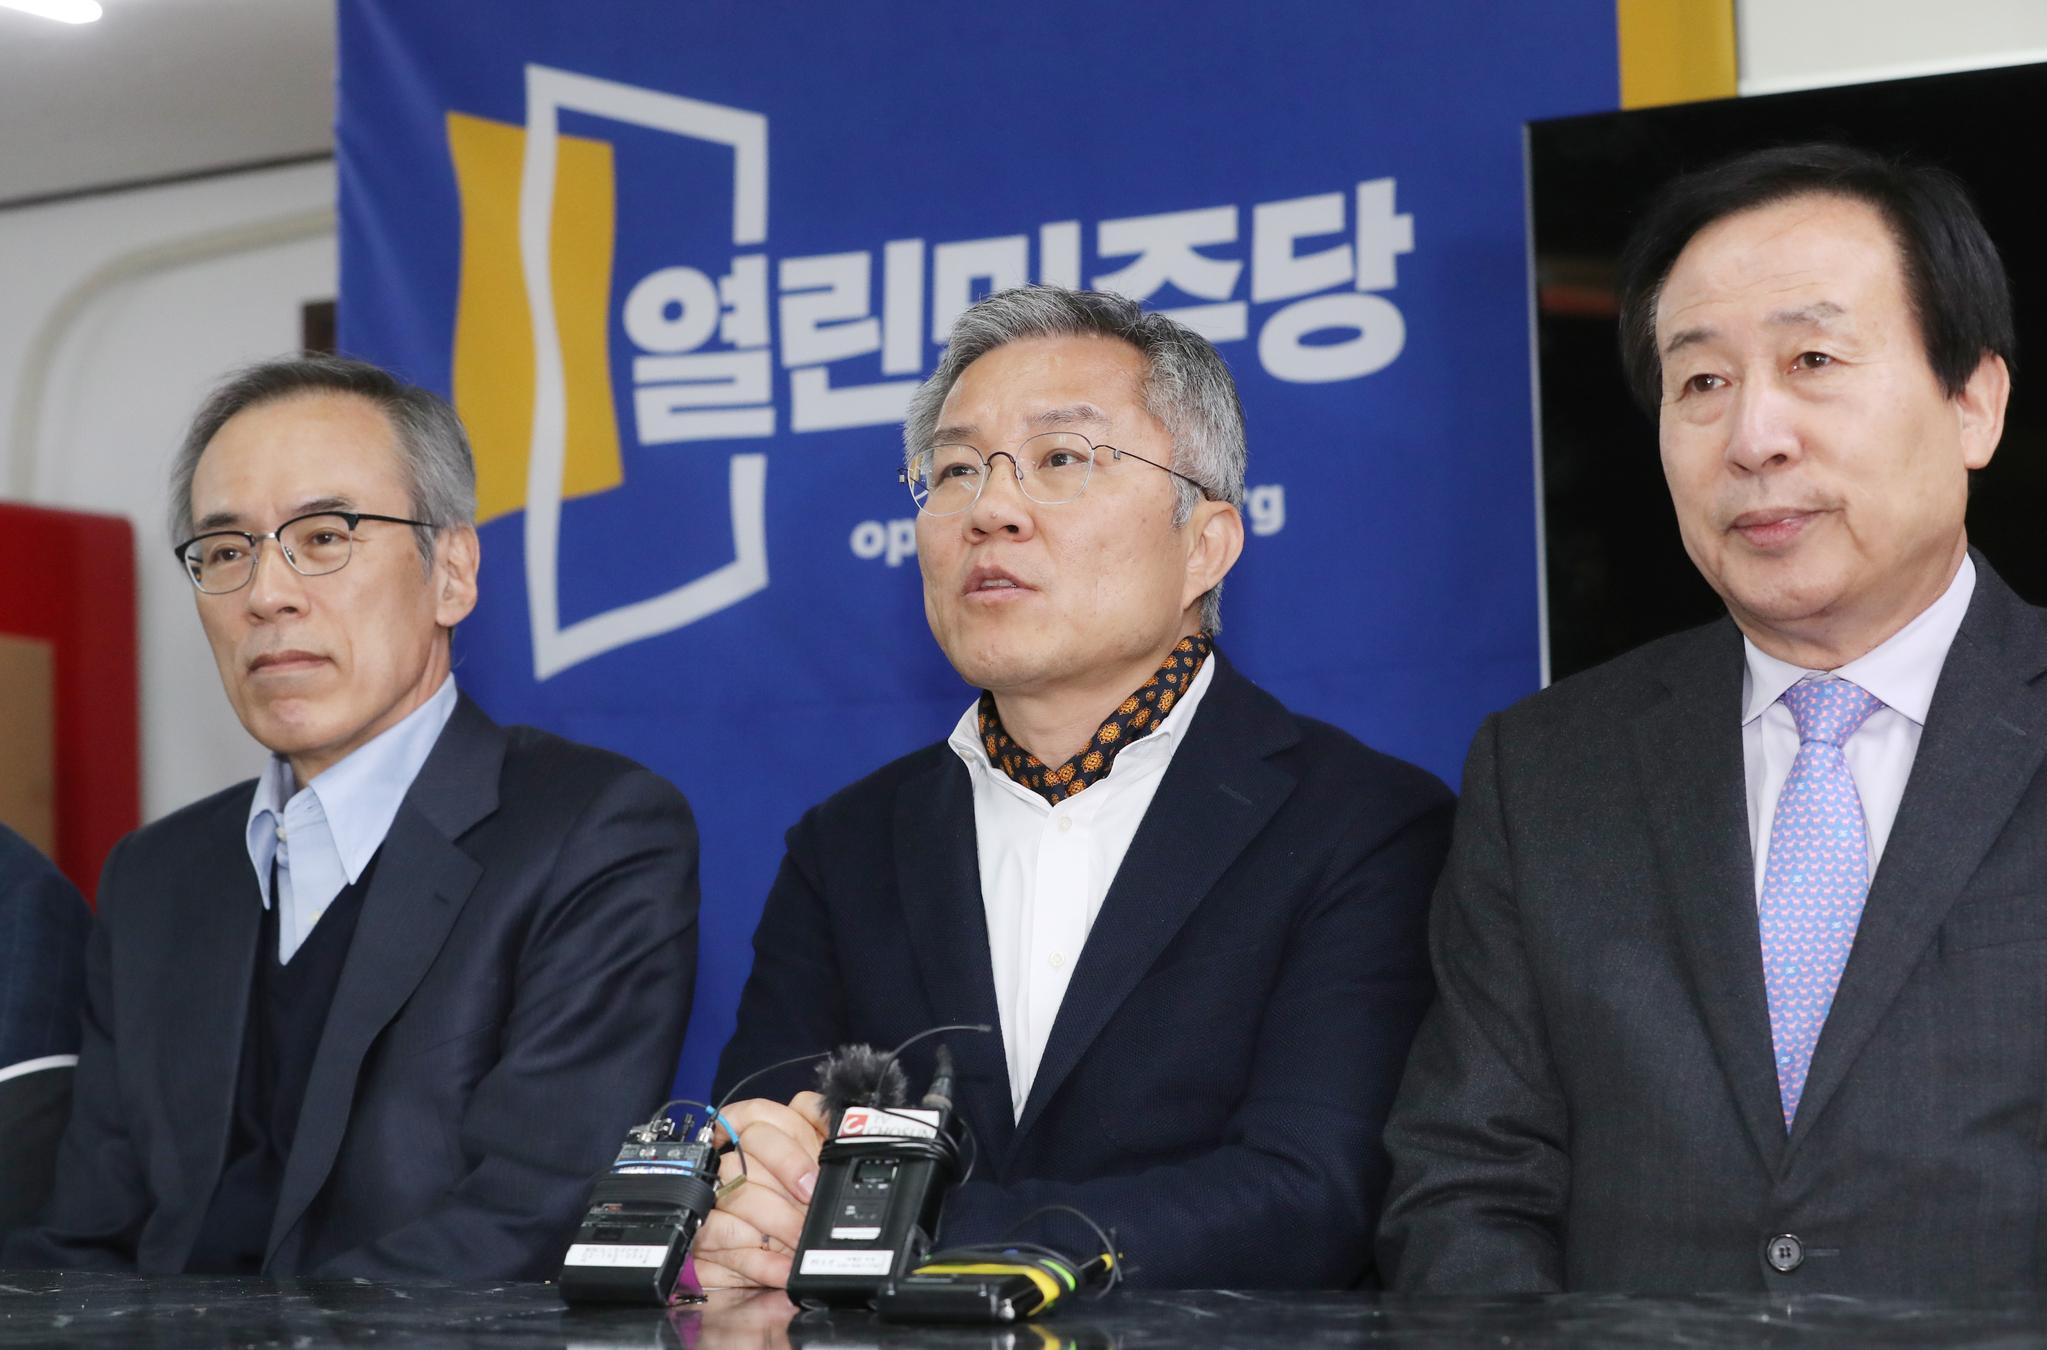 열린민주당 최강욱 비대위원장이 22일 오후 서울 여의도 당사에서 열린 비대위 첫 회의에서 발언하고 있다. 연합뉴스